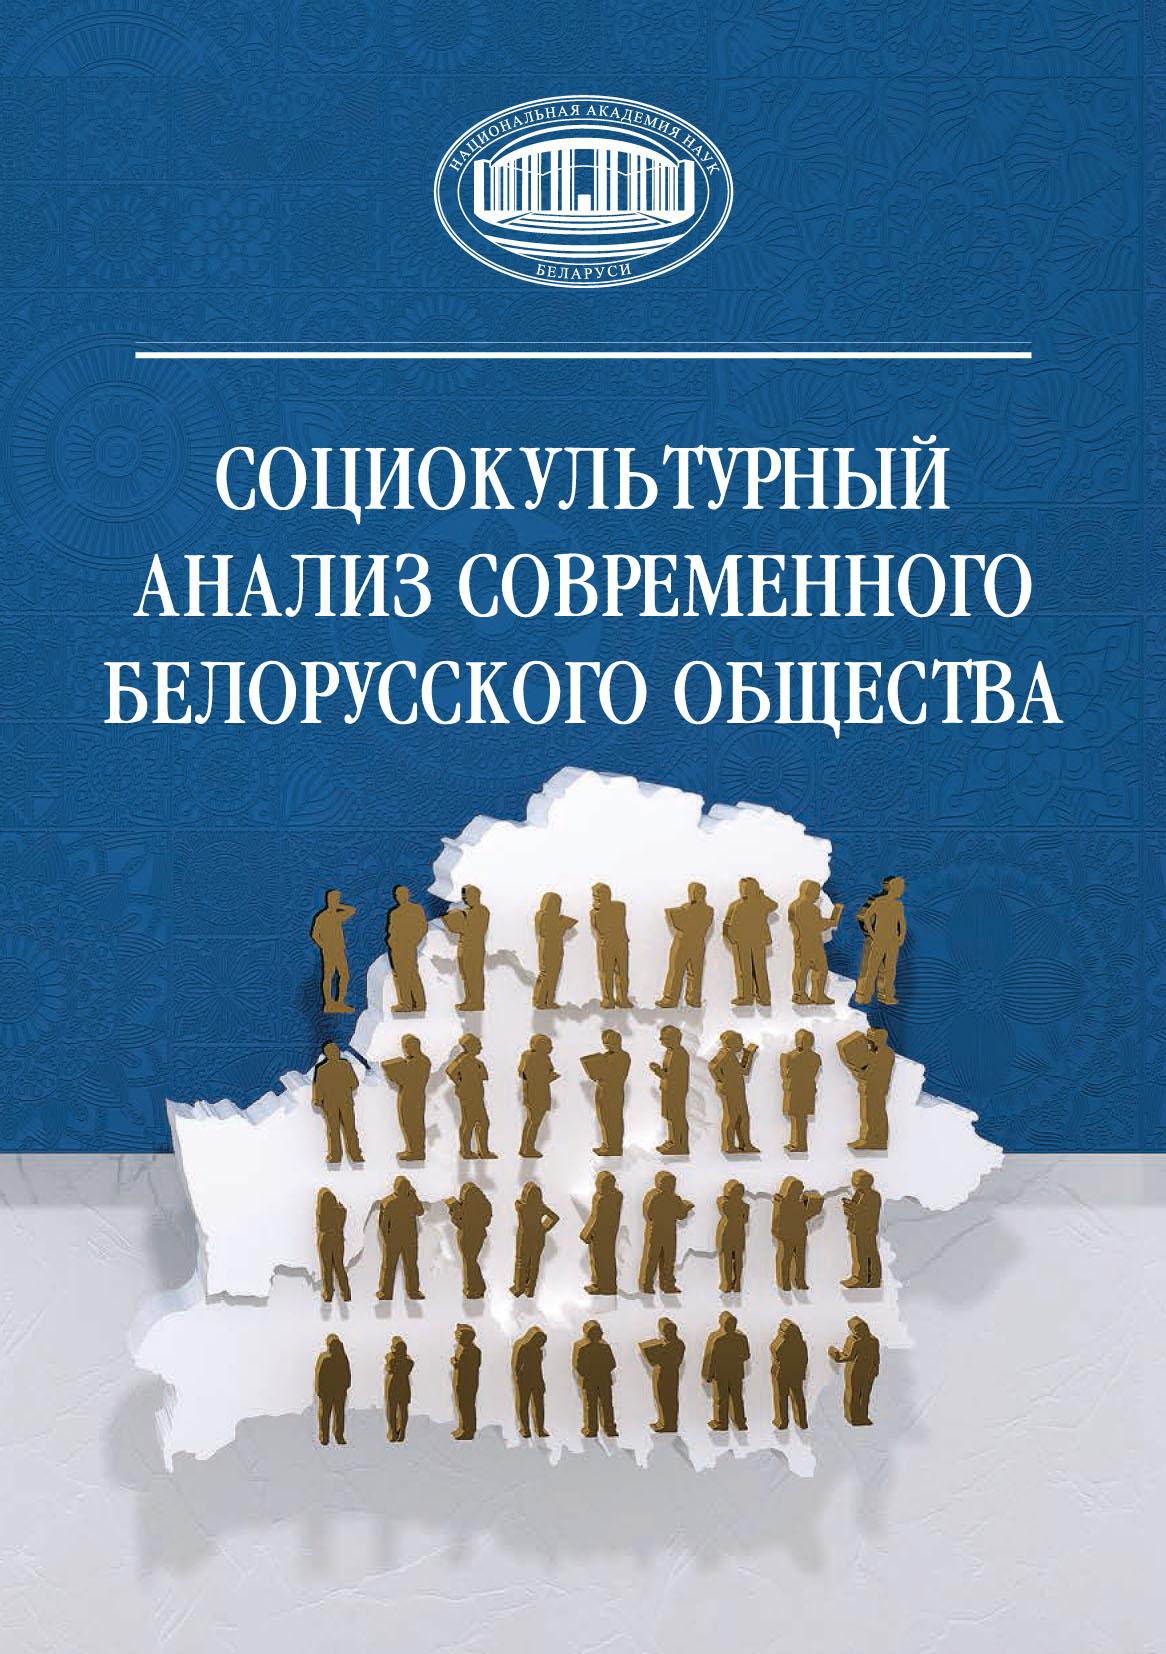 Купить книгу Социокультурный анализ современного белорусского общества, автора Ирины Лашук